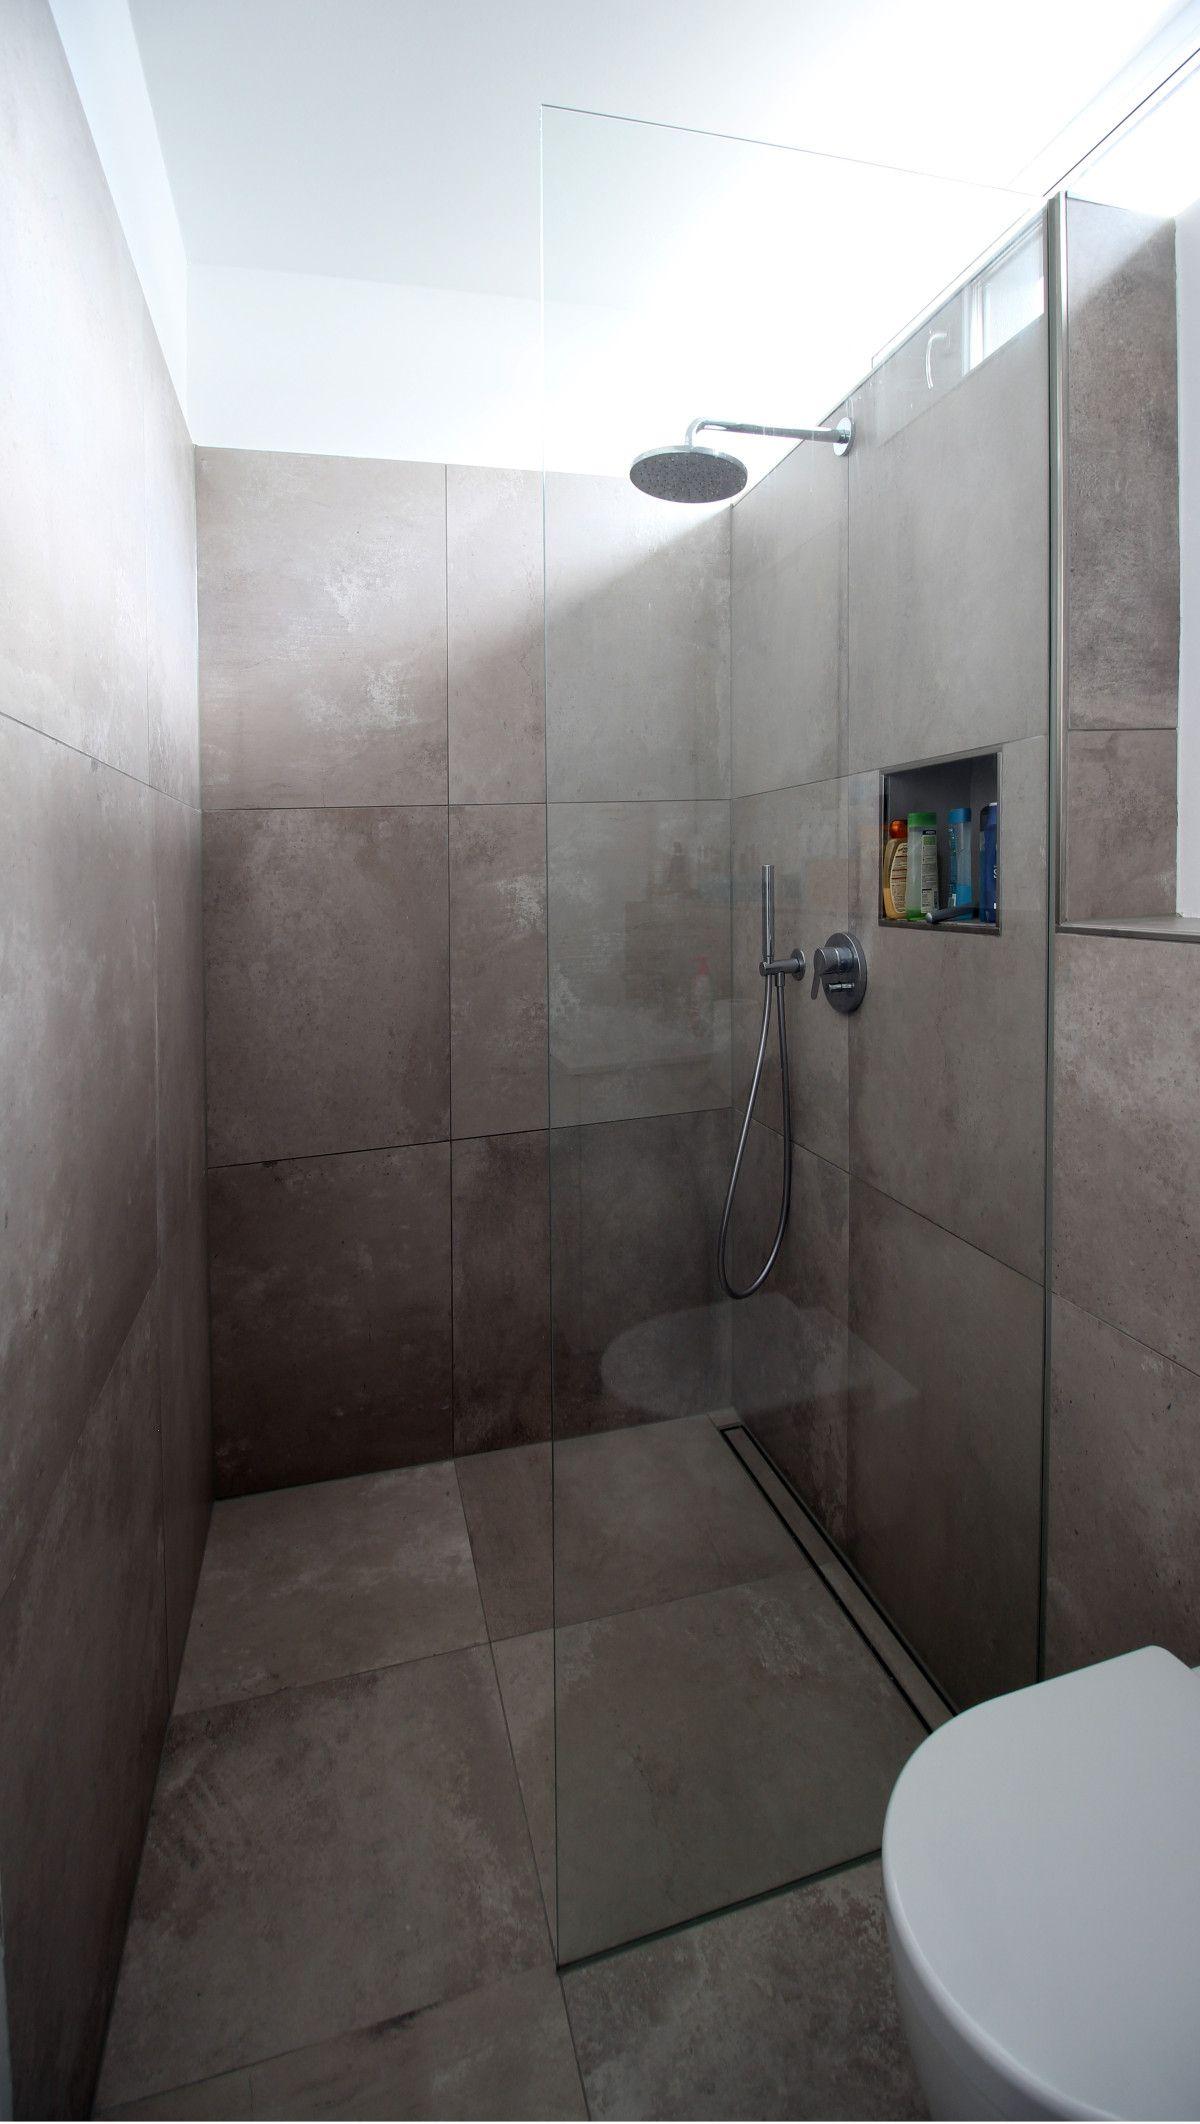 Bad, bodengleiche Dusche, Glasabtrennung, Fliesen ...